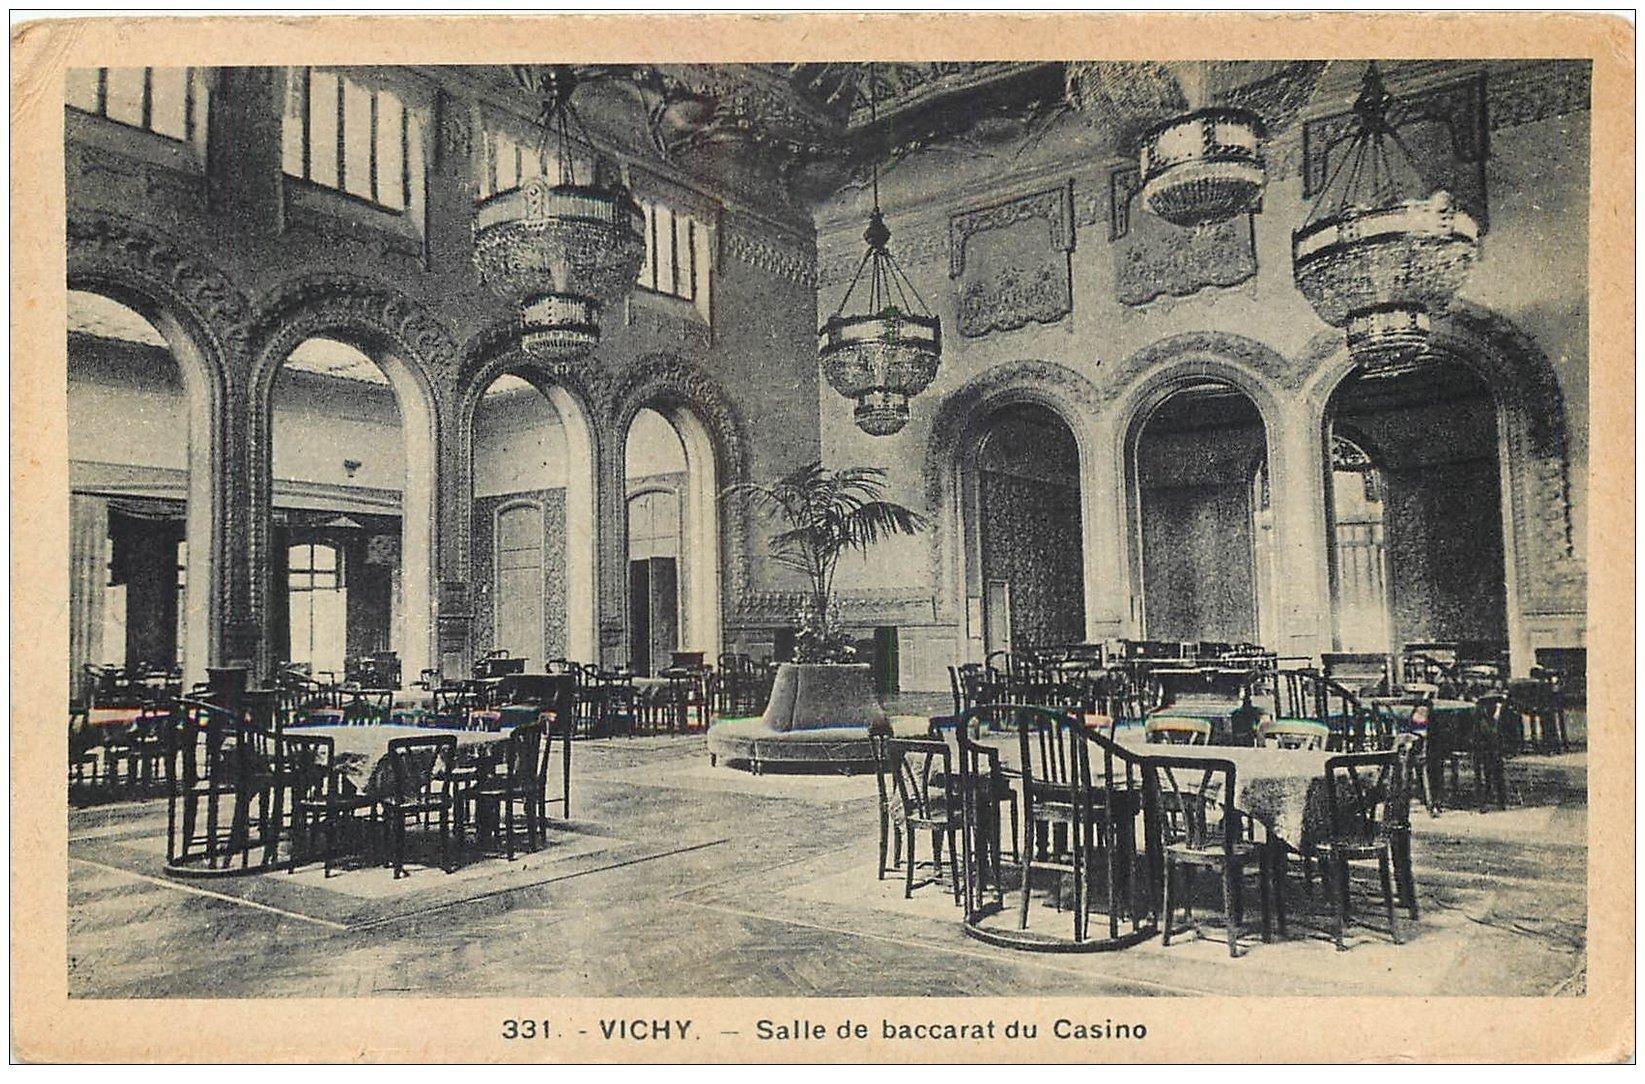 03 vichy casino salle de baccarat 1935